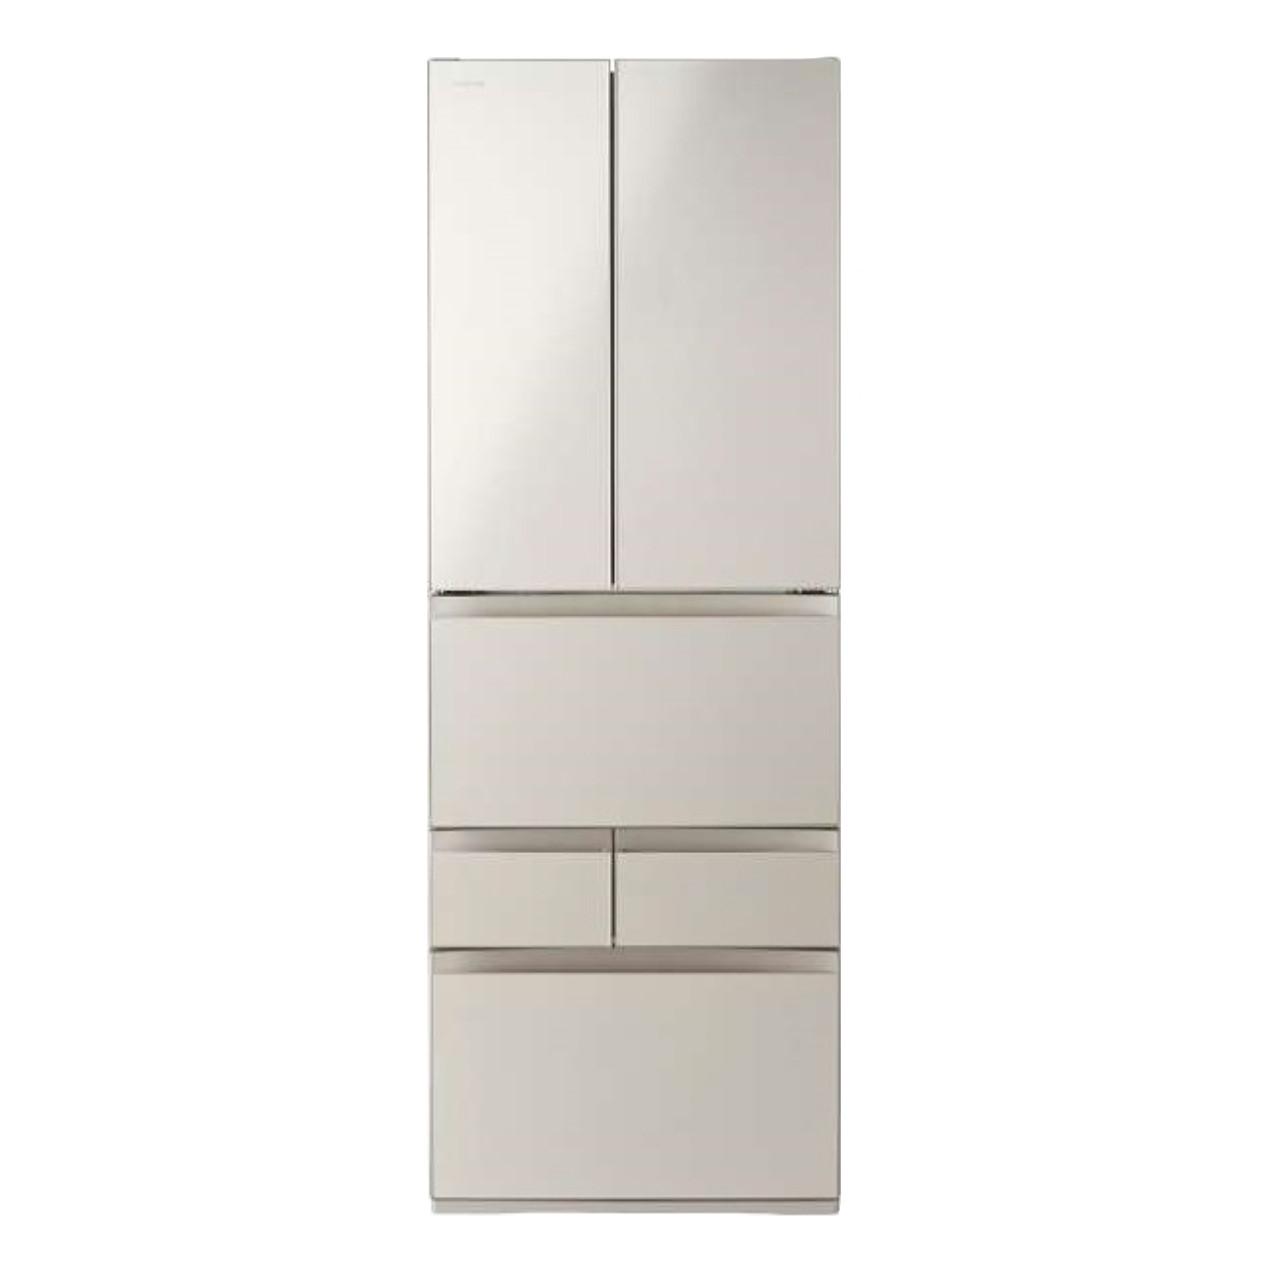 東芝GR-K510FD冷蔵庫